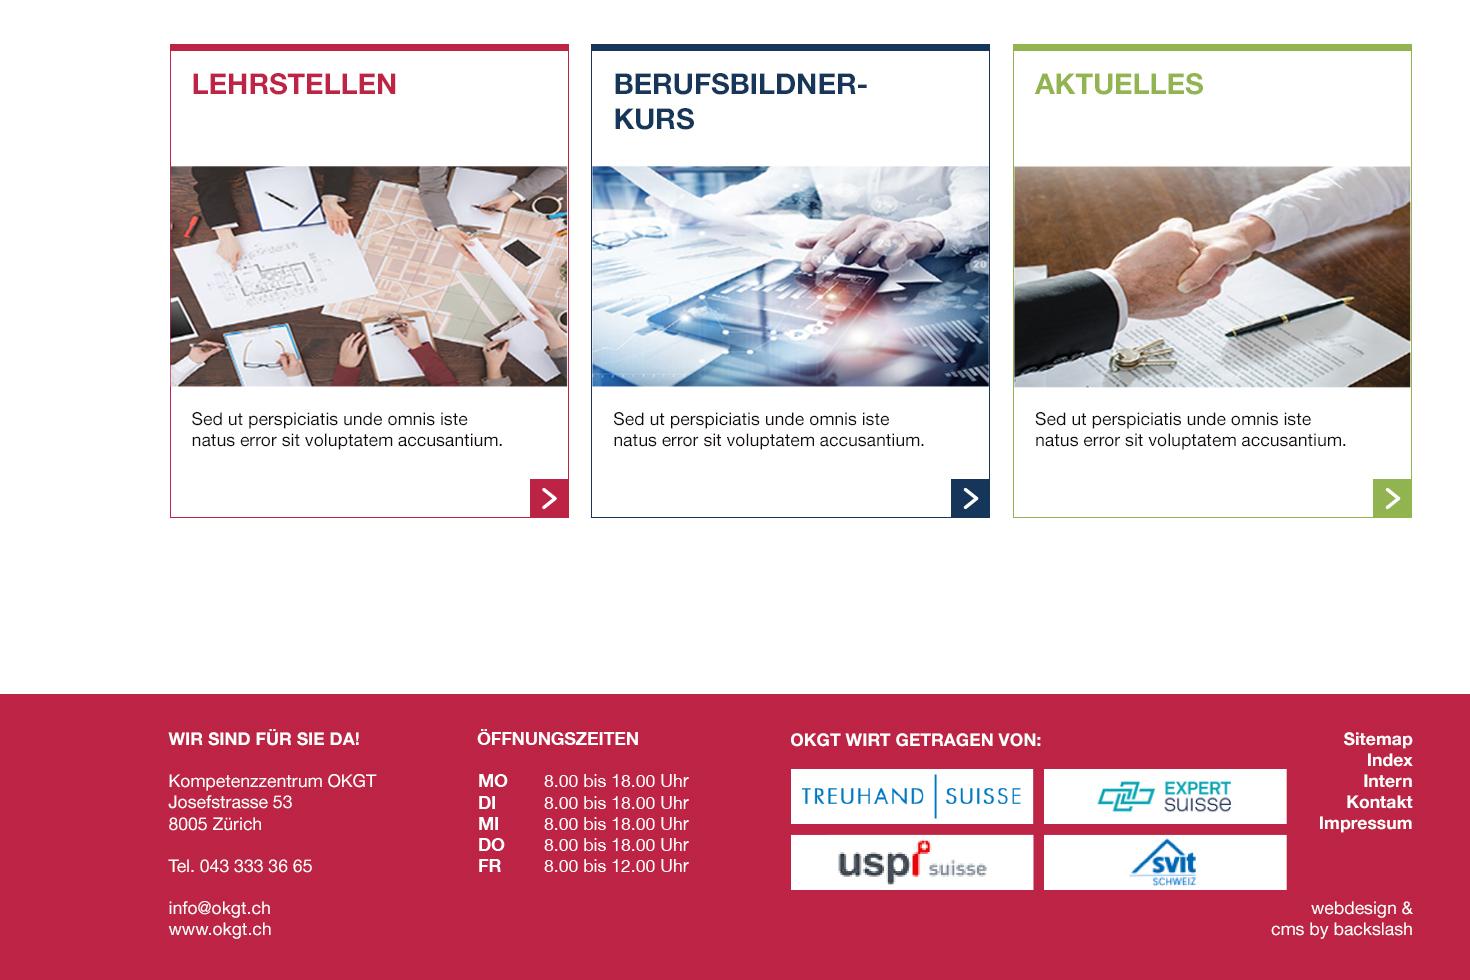 Bild 4 vom Screendesign für Webseiten